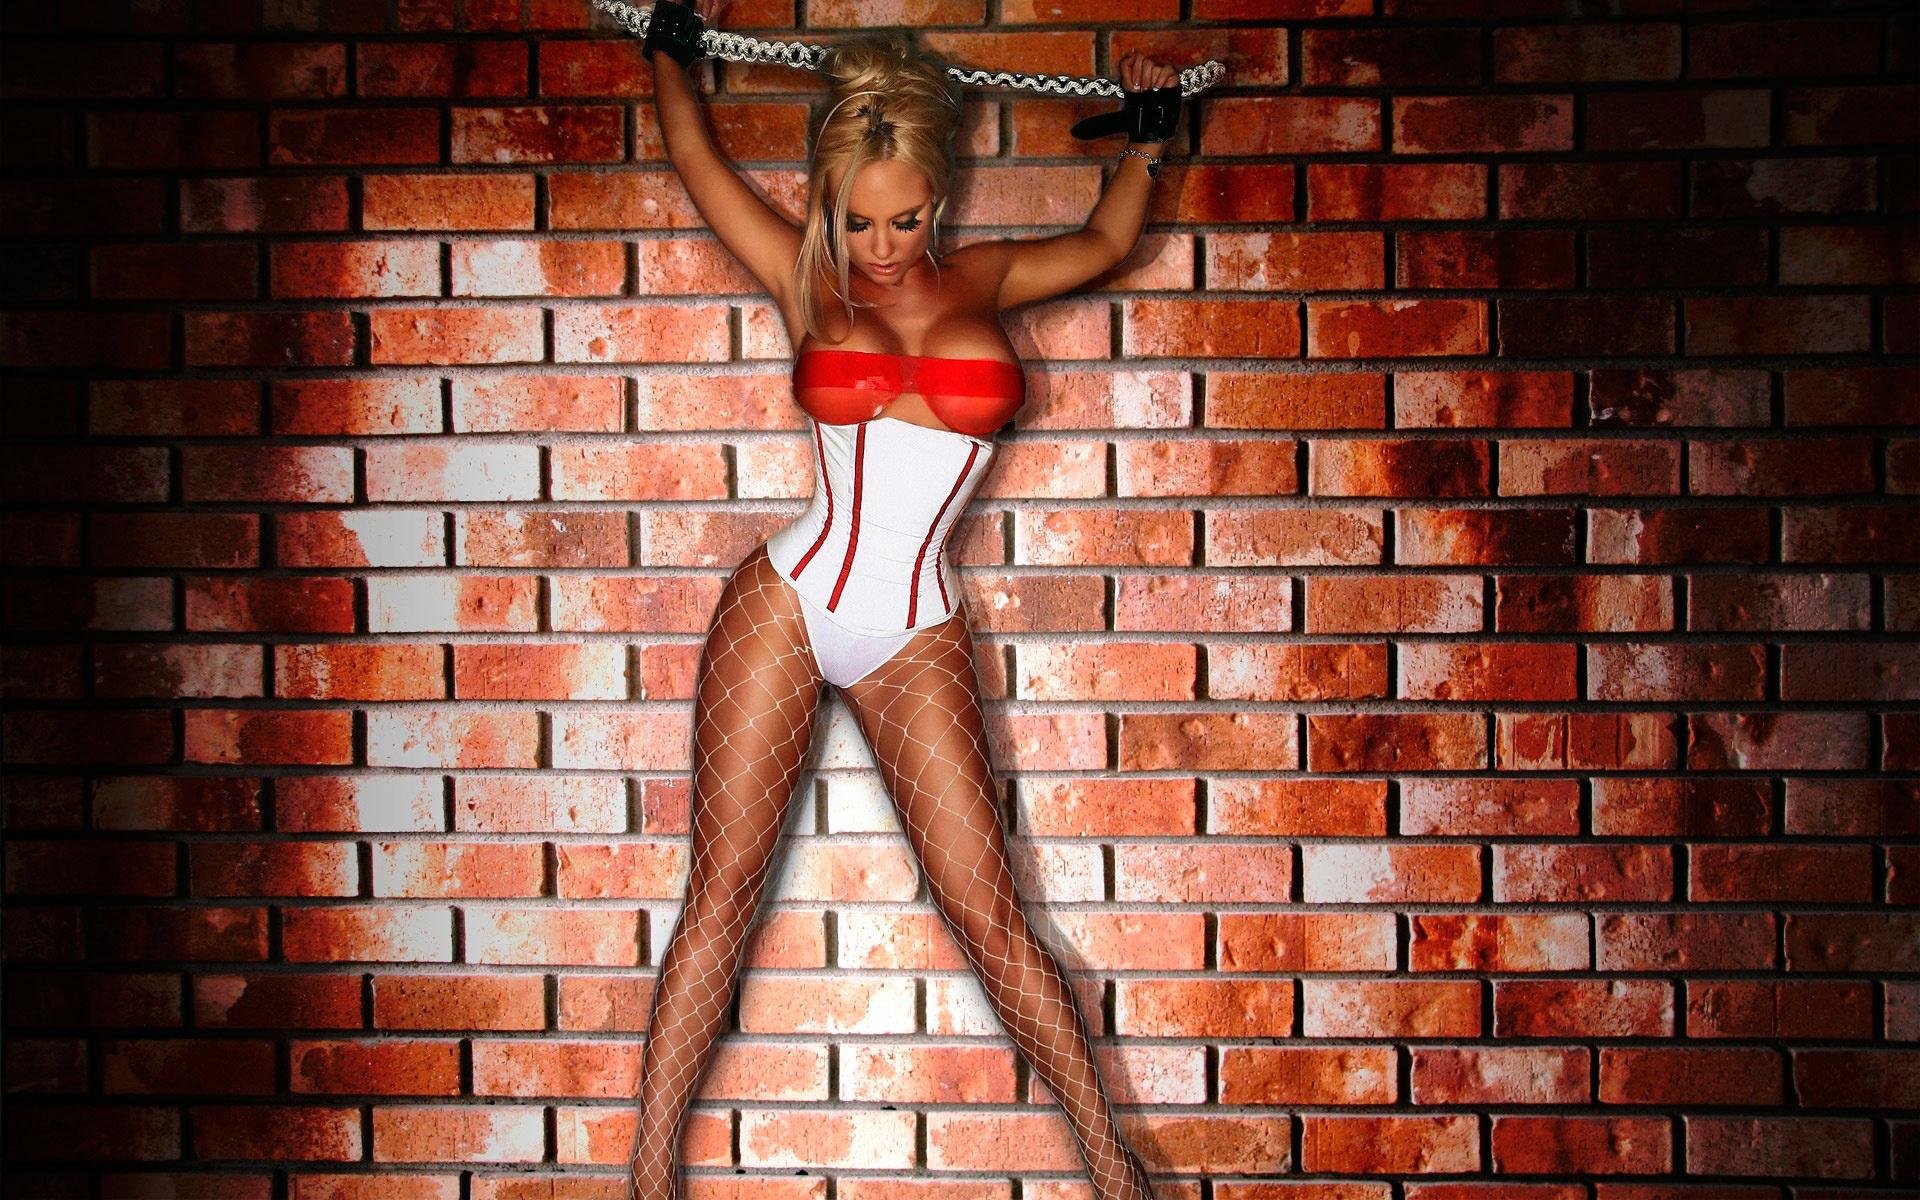 nicole coco austin, секс бомба, большая грудь, сиськи, титьки, дойки, банки, вымя, секси, красотка,сеточка, цепи, наручники